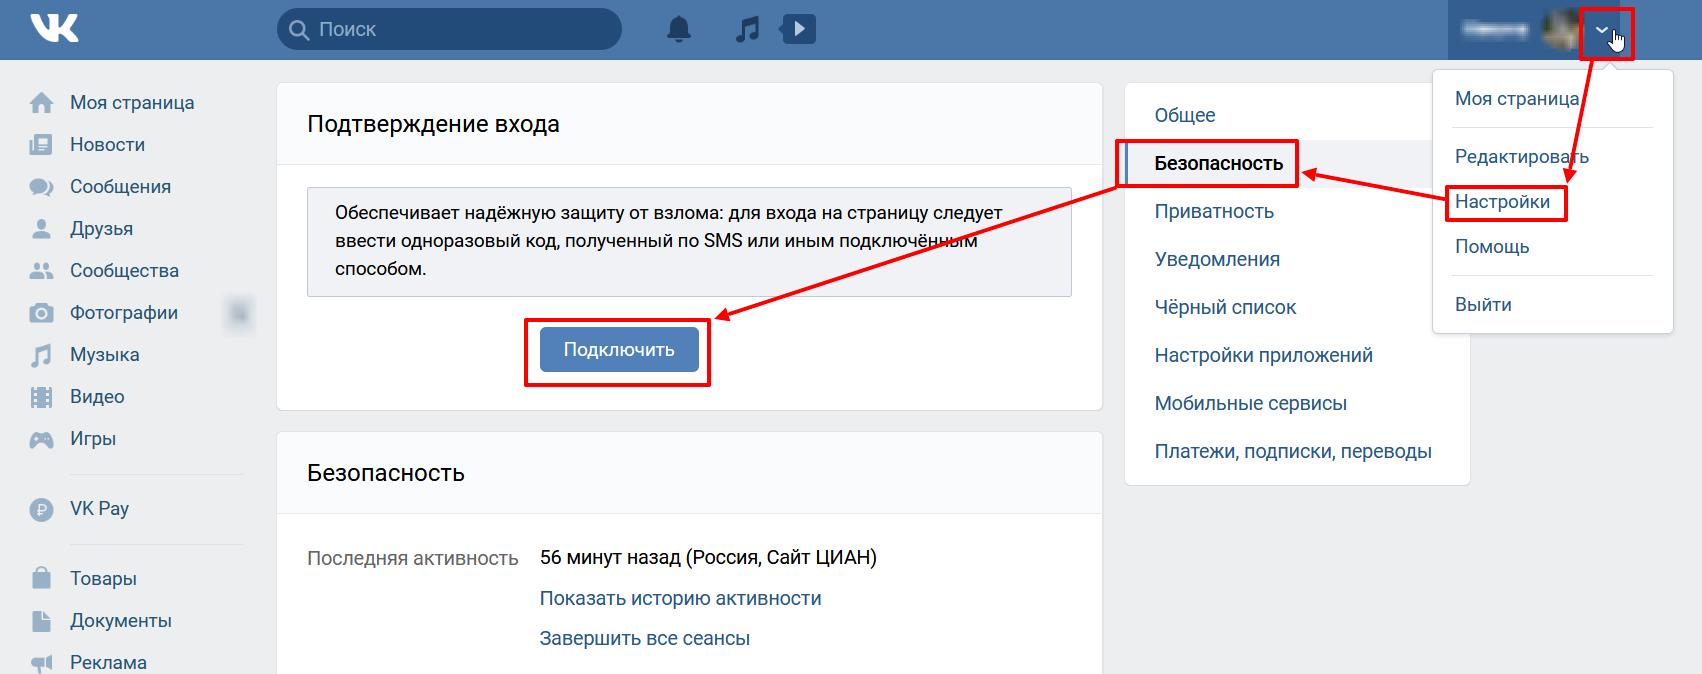 Двухфакторная аутентификация ВКонтакте – подтверждение входа